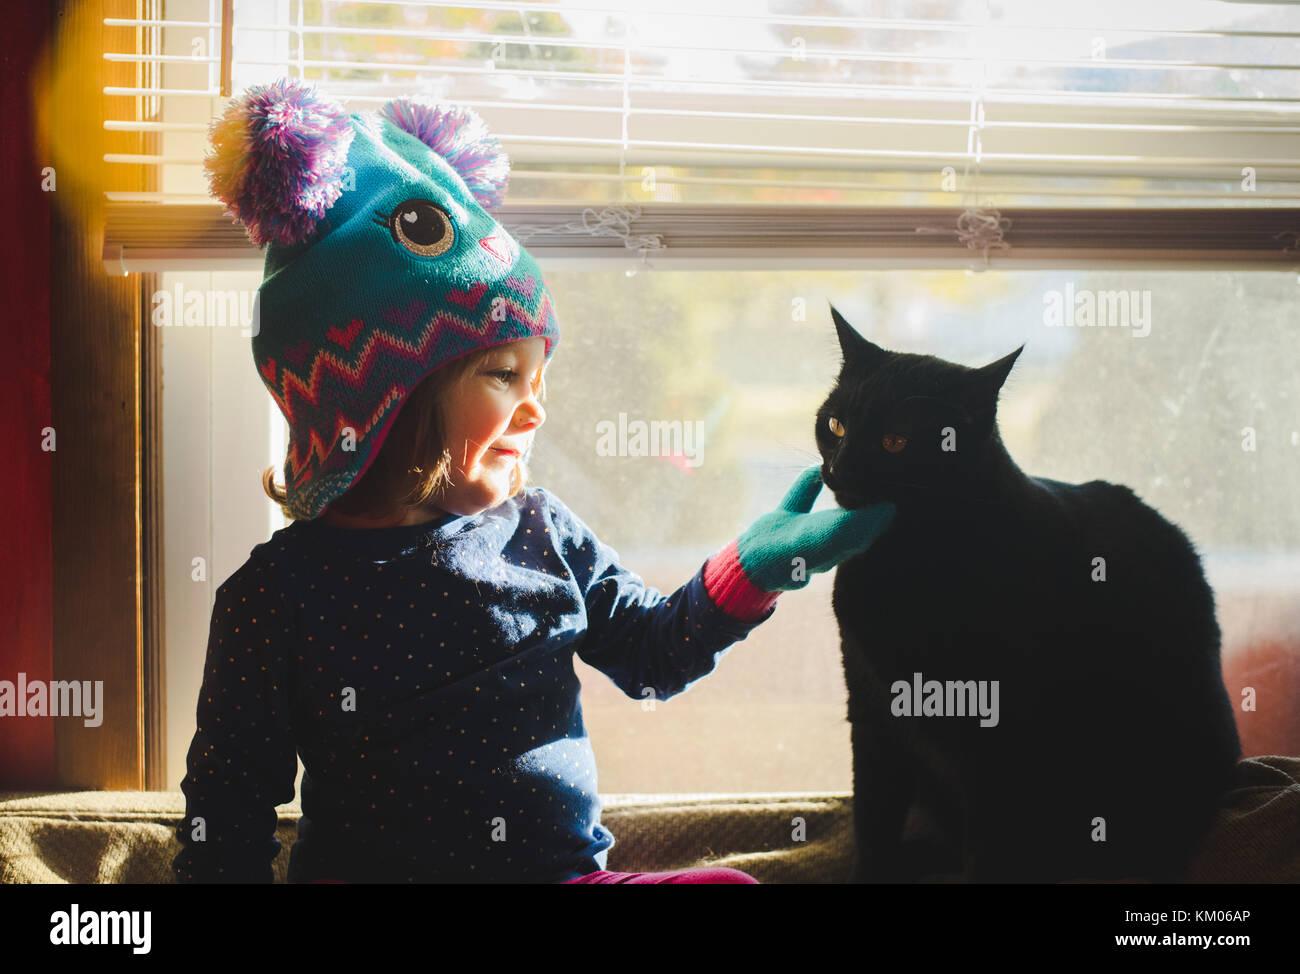 Ein kleines Mädchen mit einem Winter hat Haustiere eine Katze während der Sitzung in einem sonnigen Fenster. Stockbild